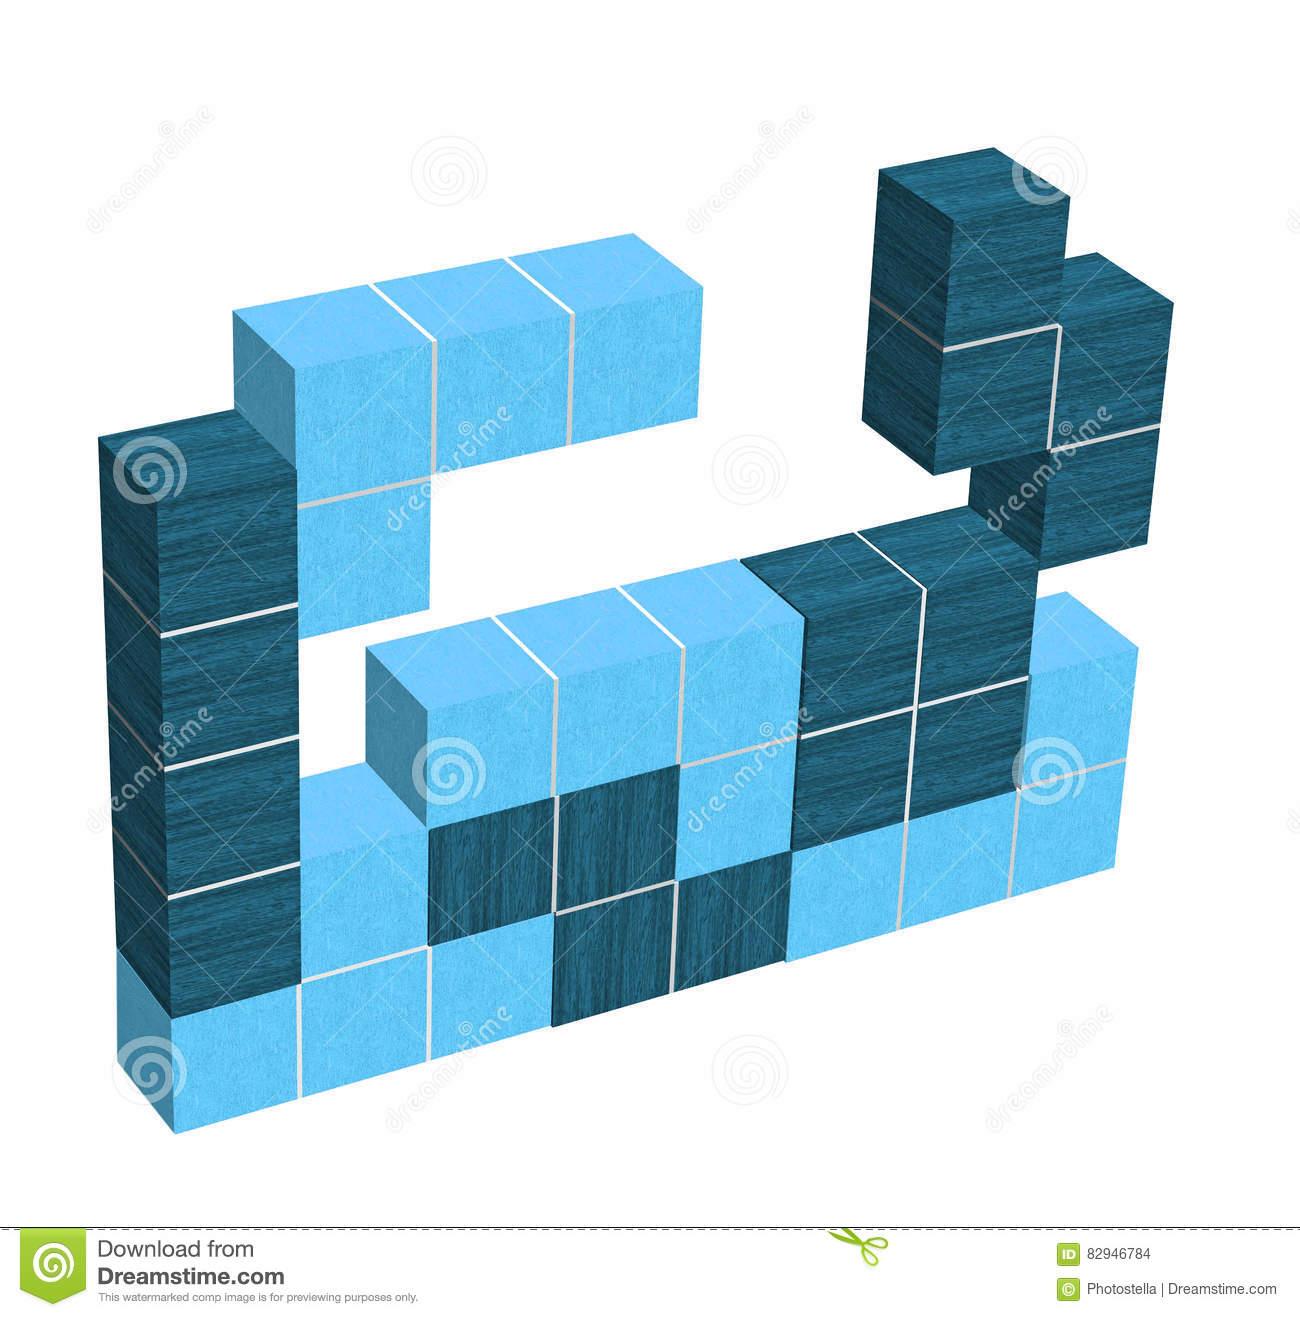 Jeu Vidéo De Puzzle - Formes Géométriques Du Bleu 3D concernant Jeu De Forme Géométrique